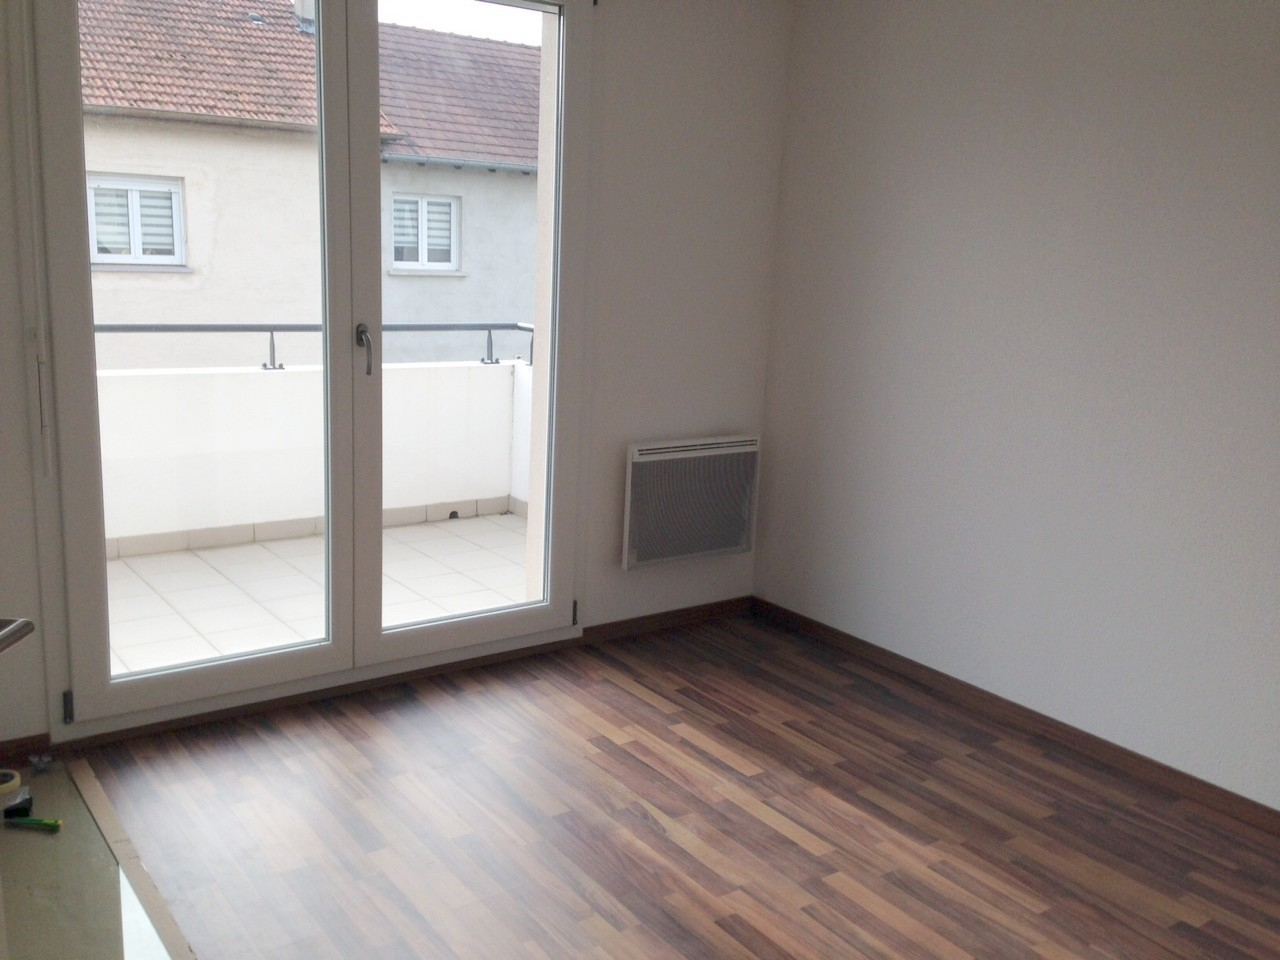 Bitz immobilier vente et location d 39 appartements et de for Assurance pno garage